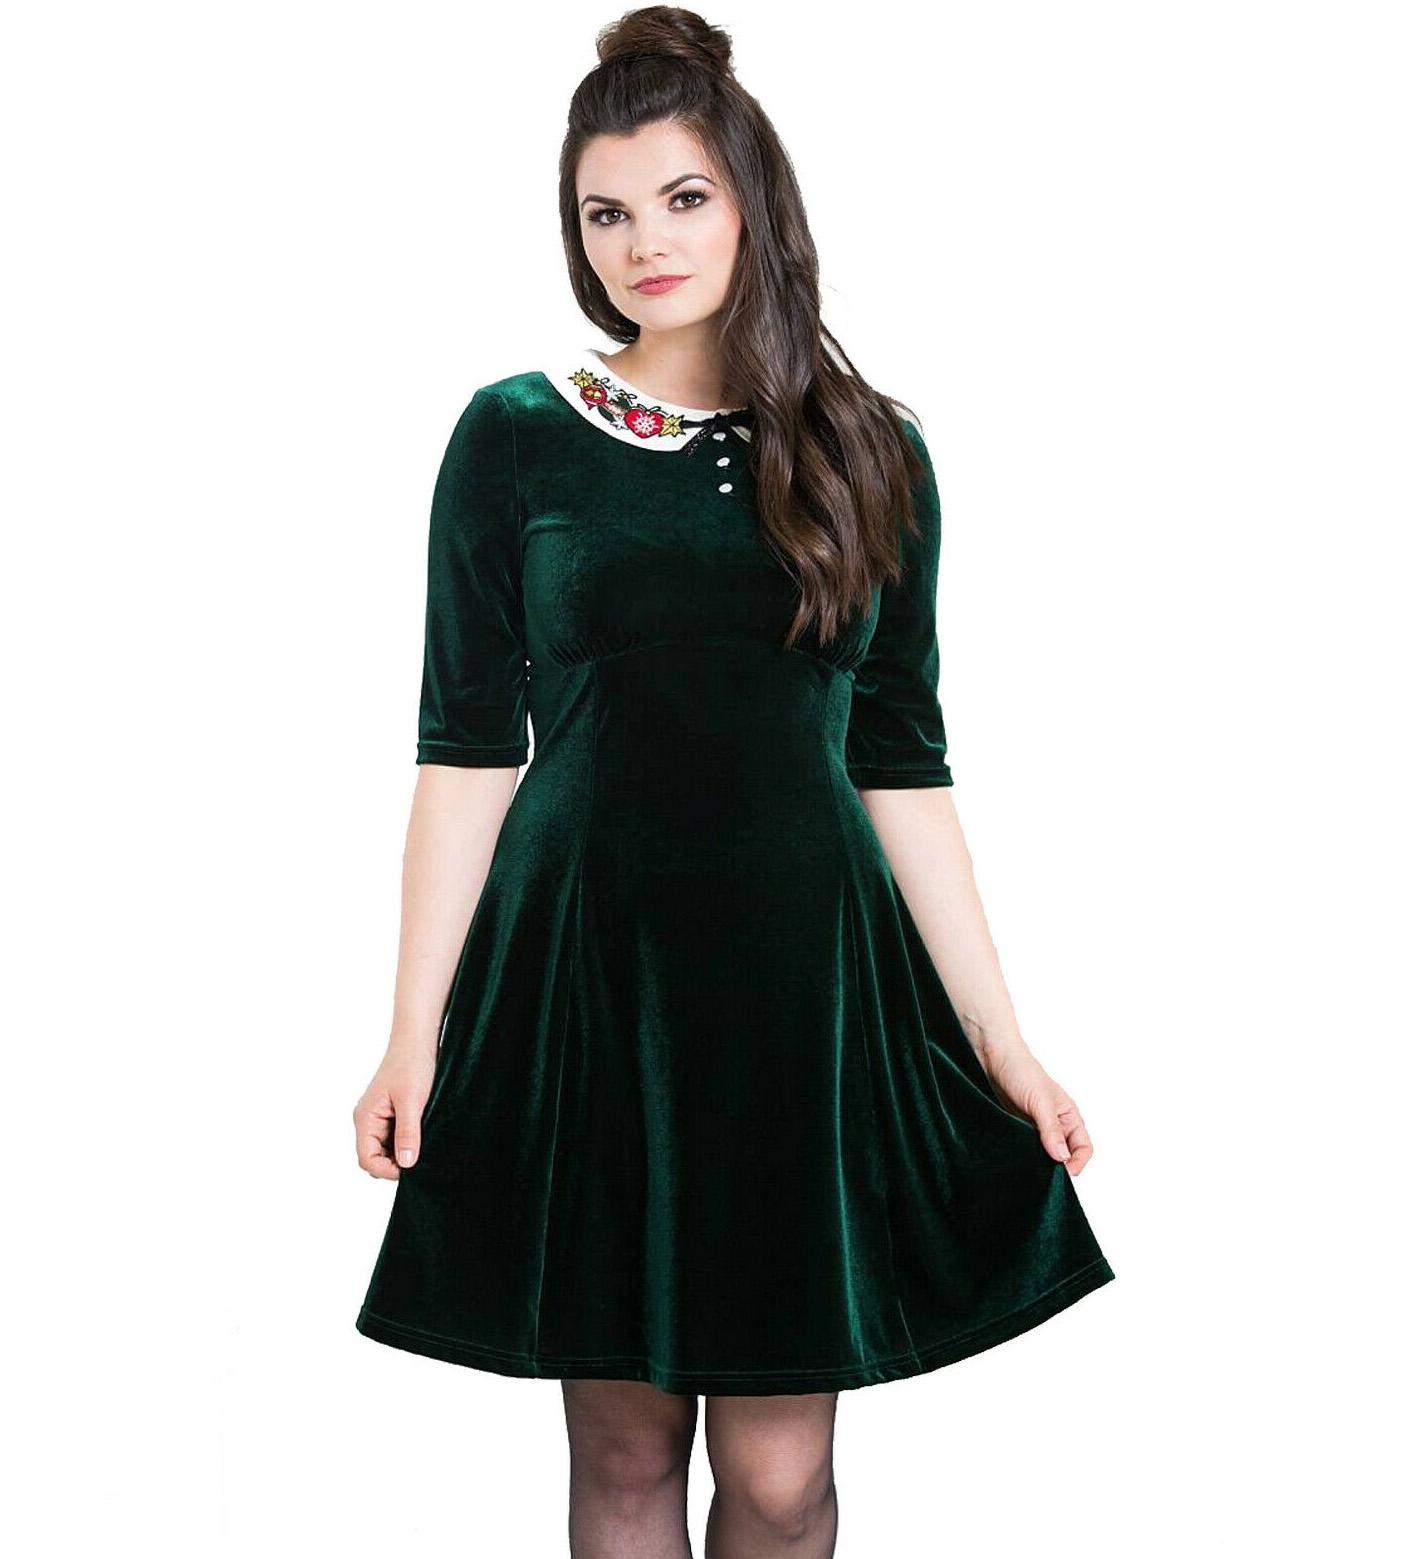 Hell-Bunny-Mini-Skater-Dress-Festive-Christmas-NICOLA-Green-Velvet-All-Sizes thumbnail 11